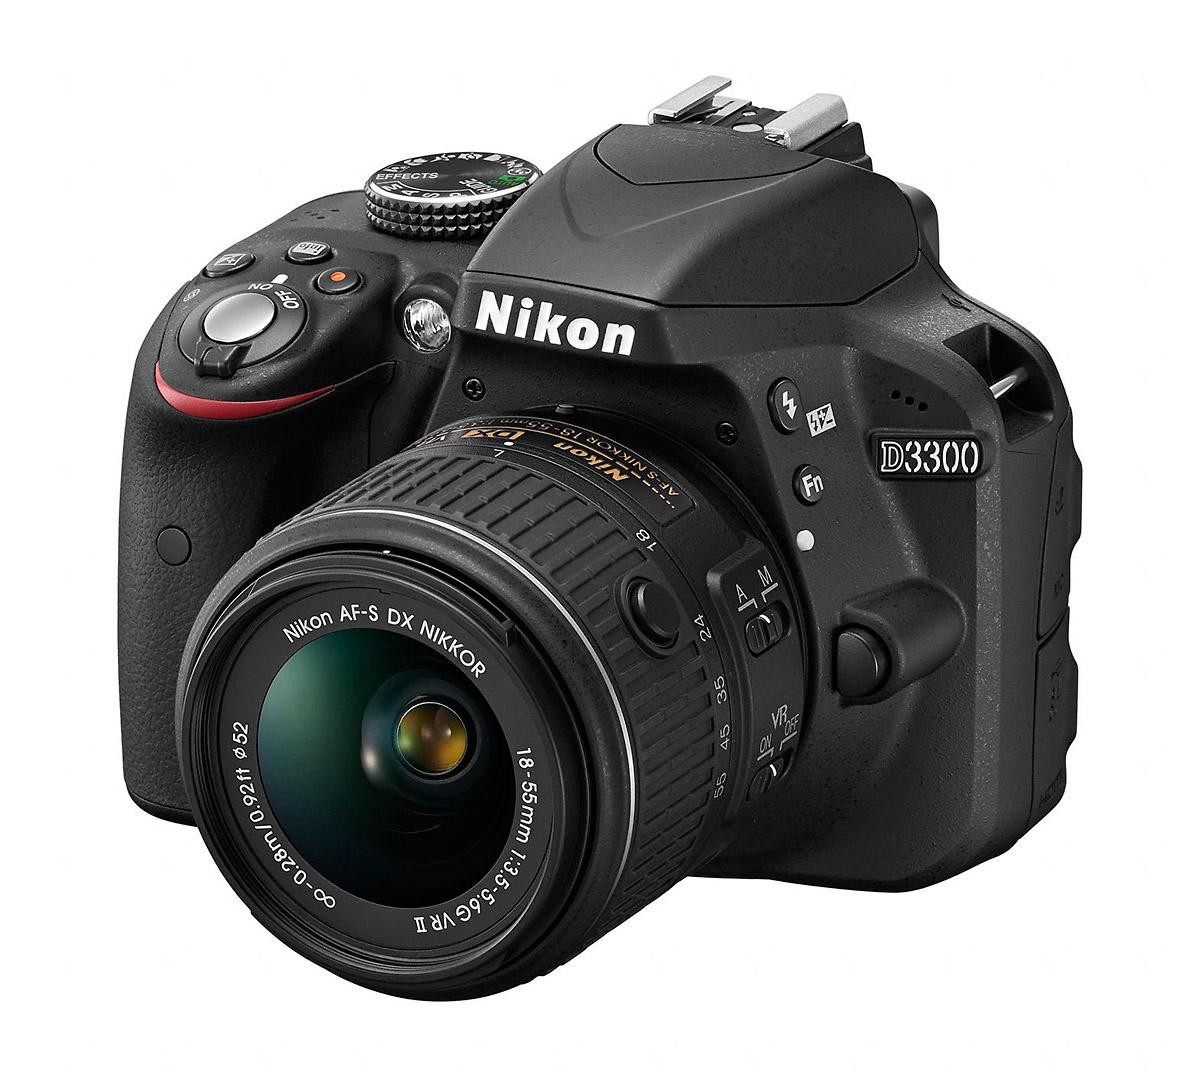 Nikon's 24-MP AA-Free D3300 Digital SLR